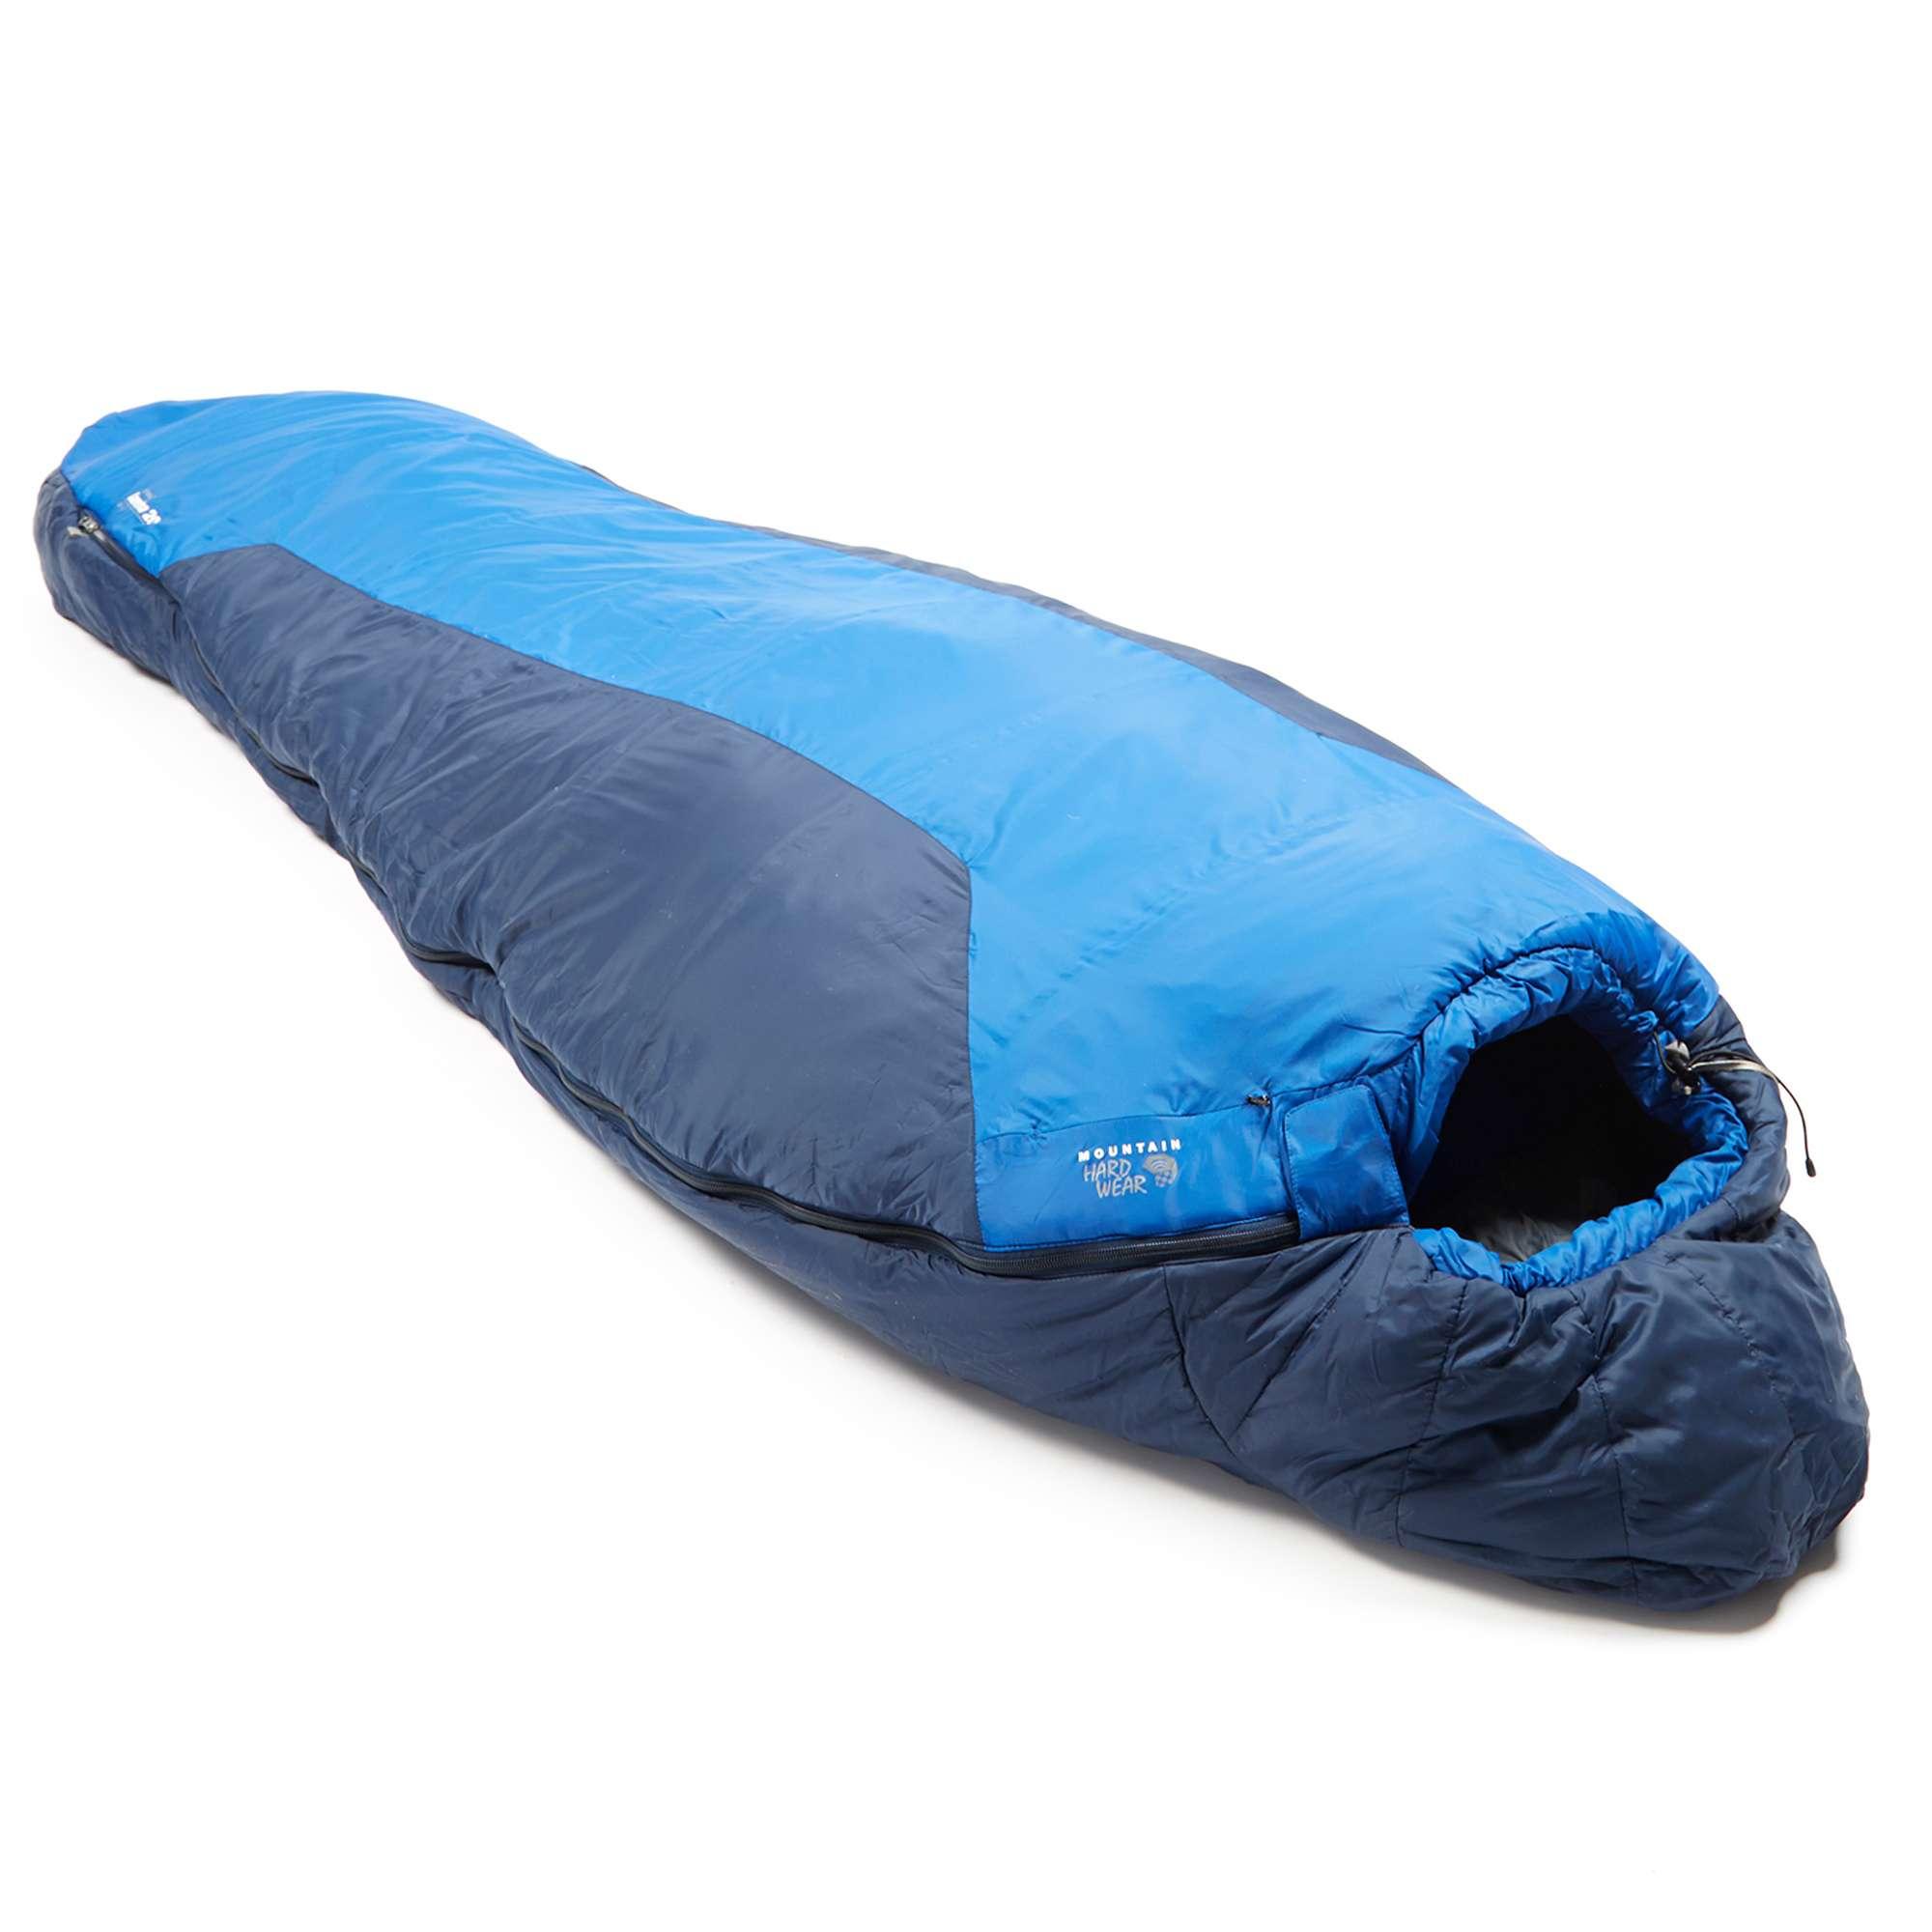 MOUNTAIN HARDWEAR Lamina 20 Sleeping Bag Regular